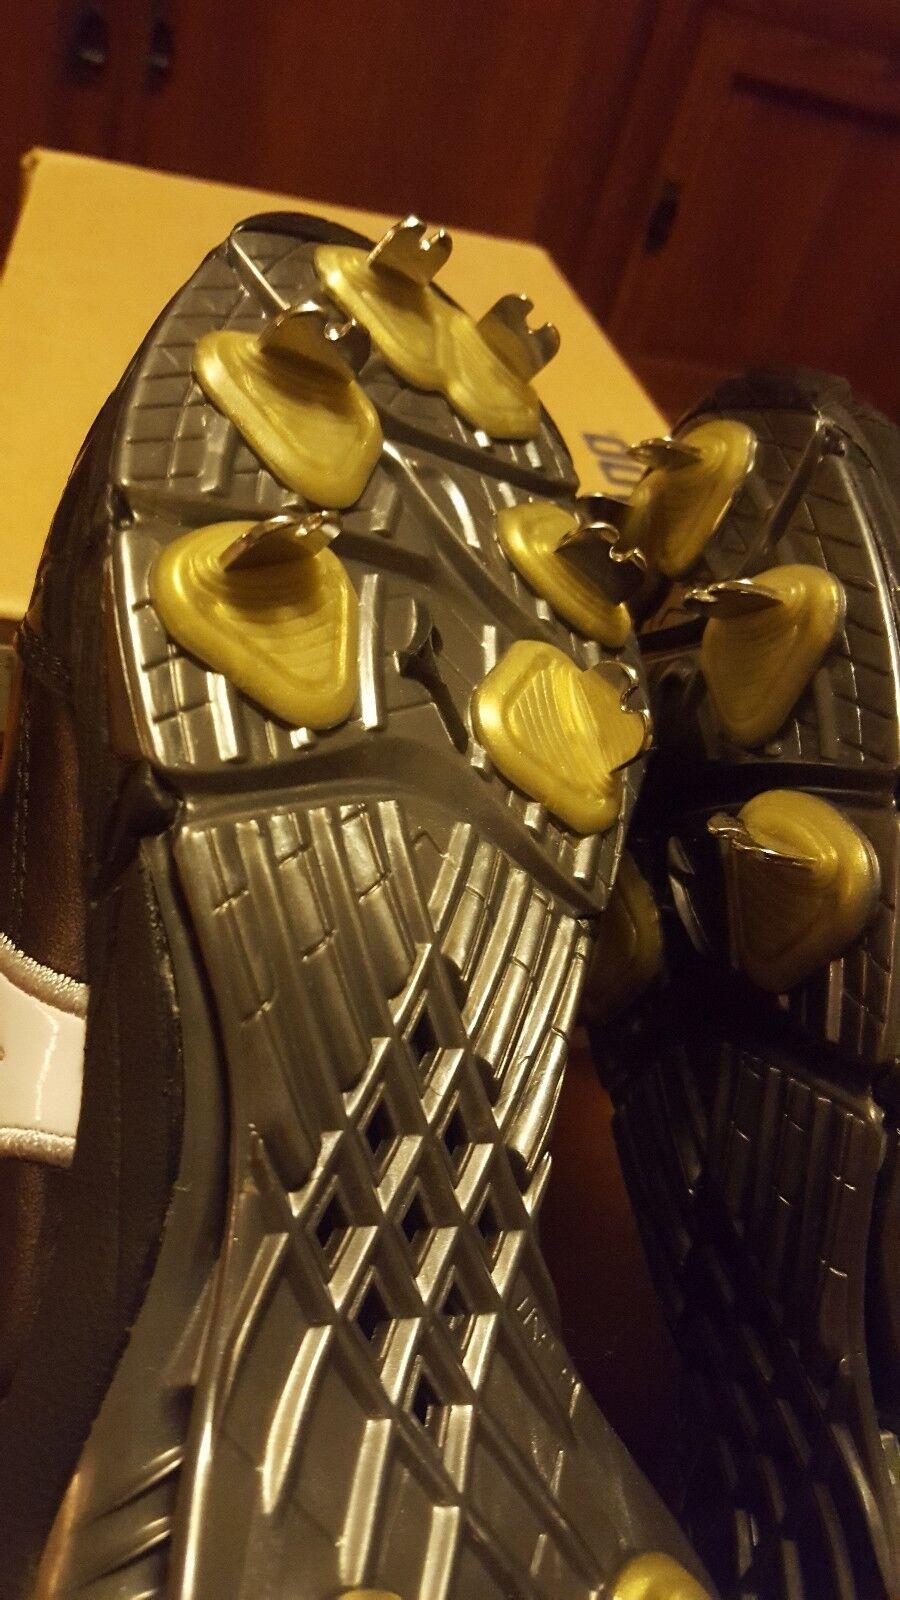 9 Leder Spike Mizuno Pro KL Baseball Schuhes 9 Leder 9 eb438d